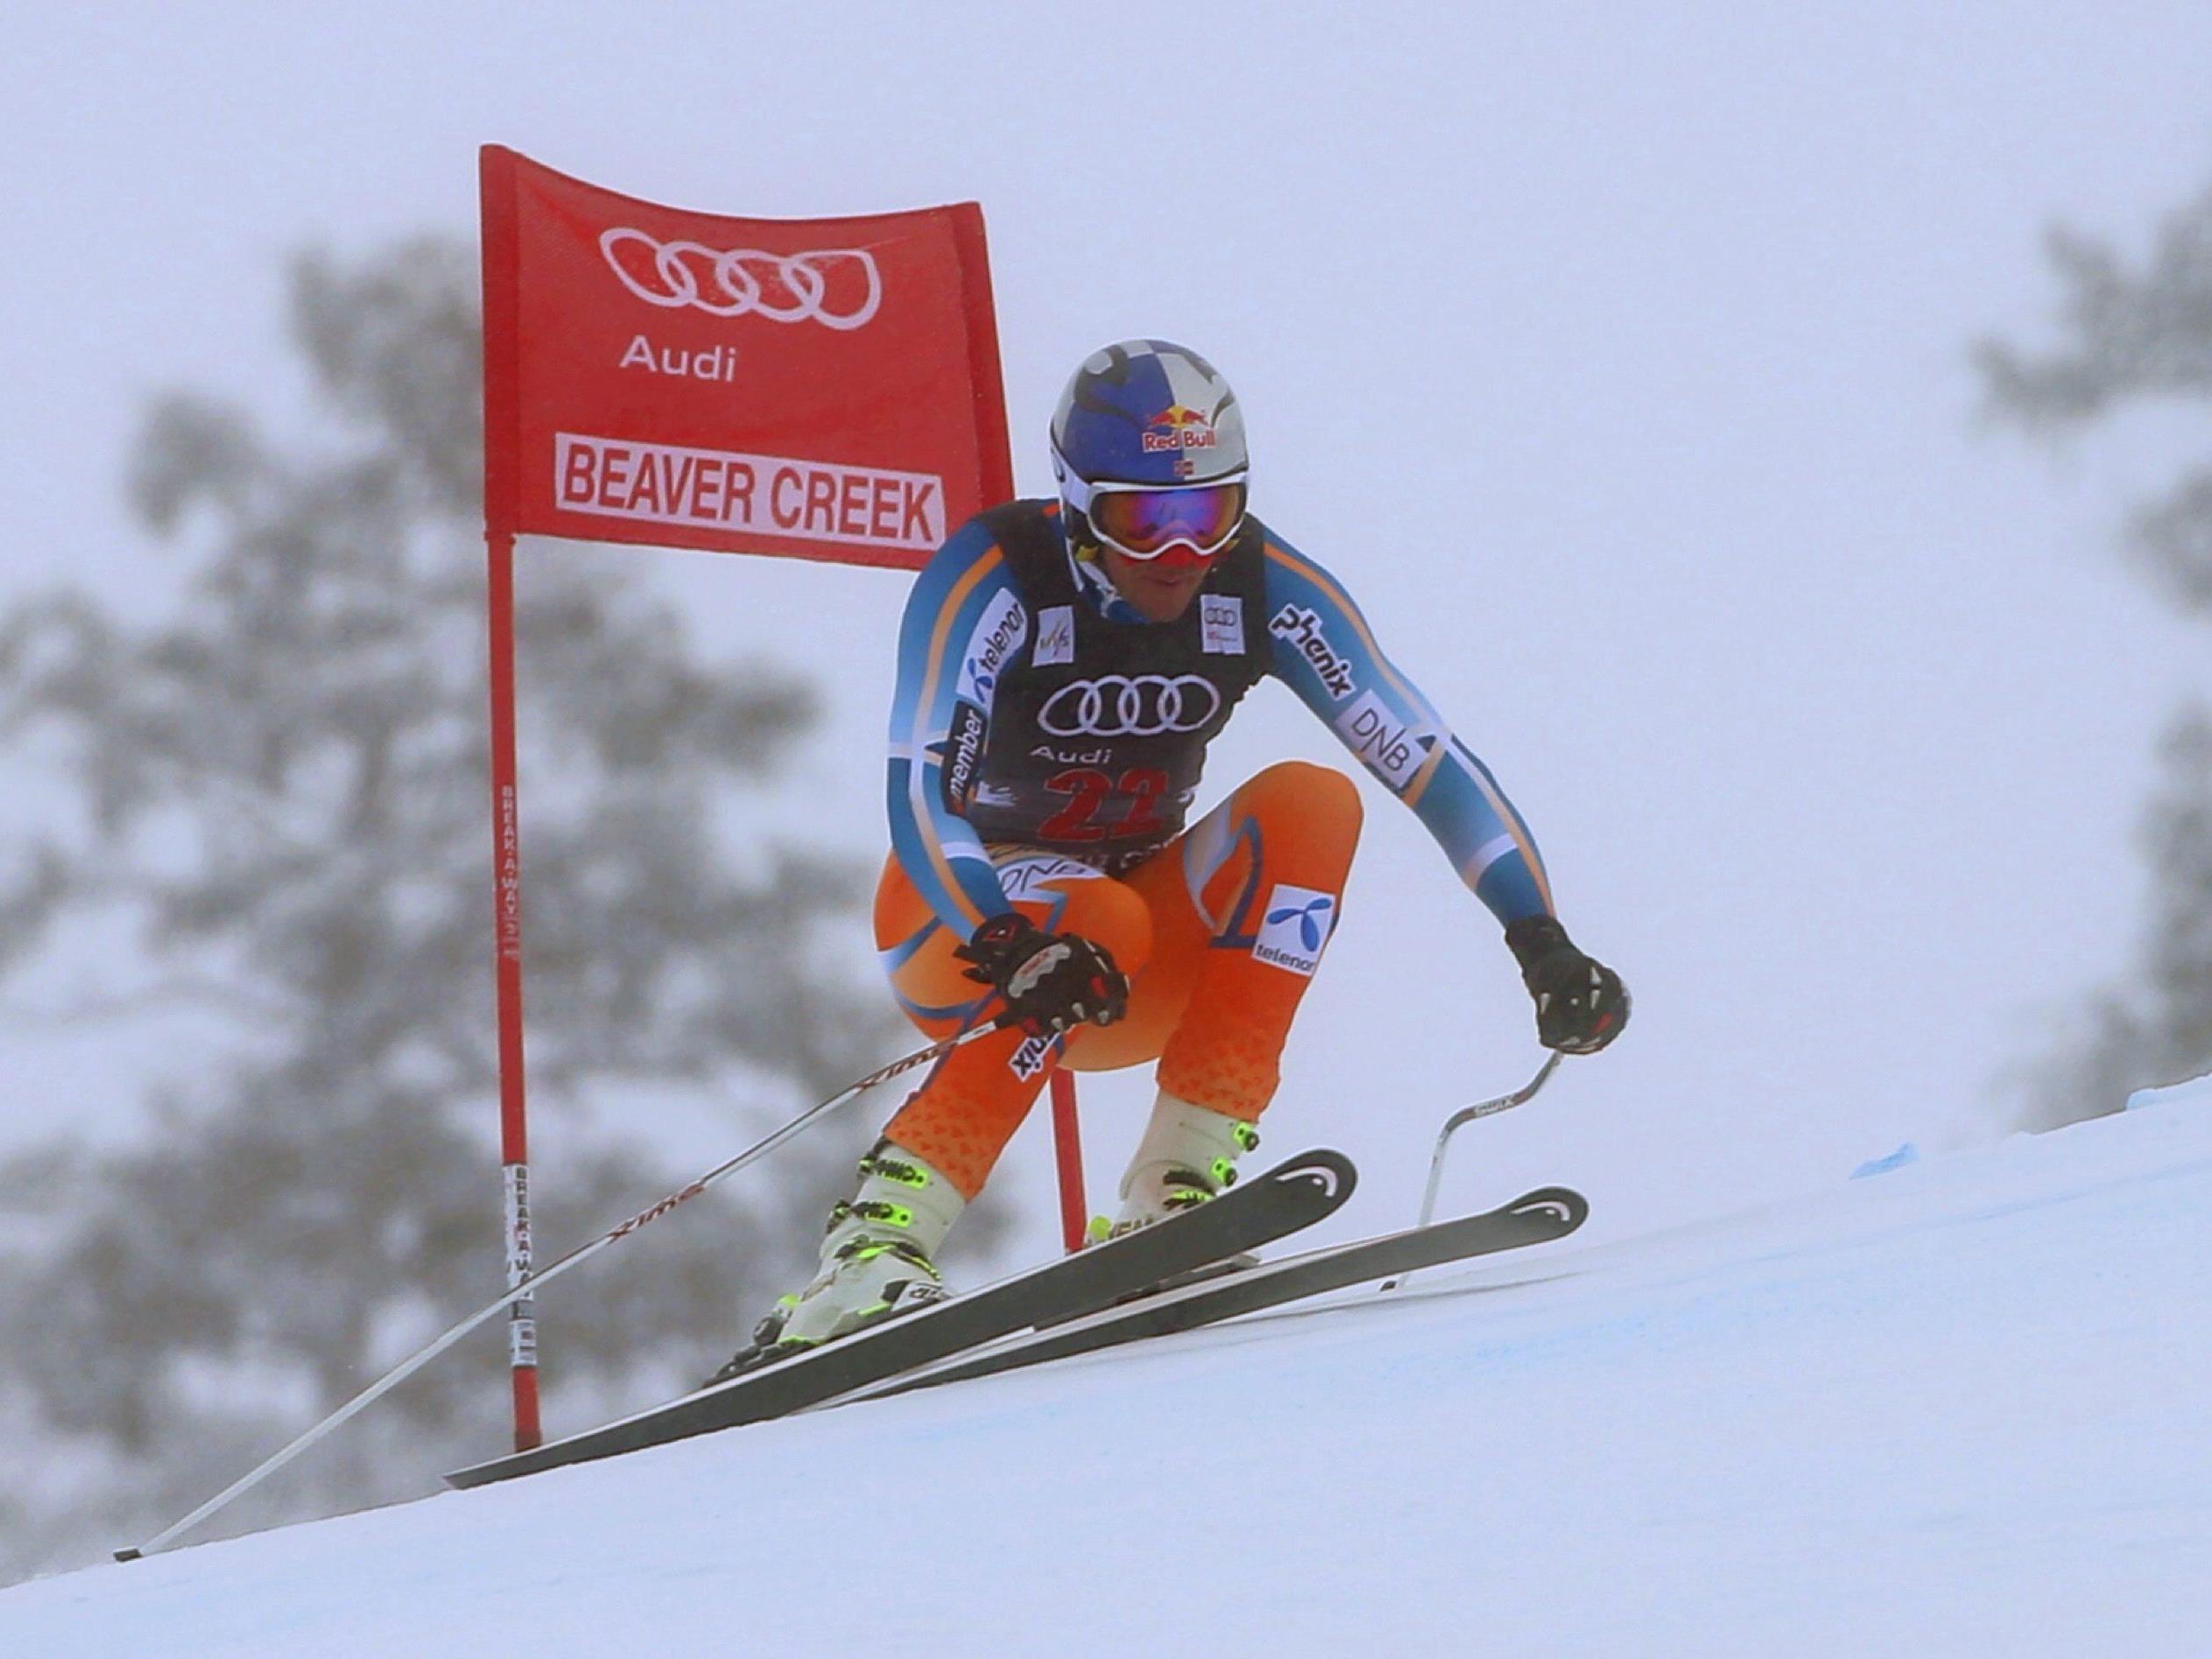 Für den Schladming-Weltmeister Svindal war es der 23. Karriere-Erfolg im Weltcup, der siebente in der Abfahrt.